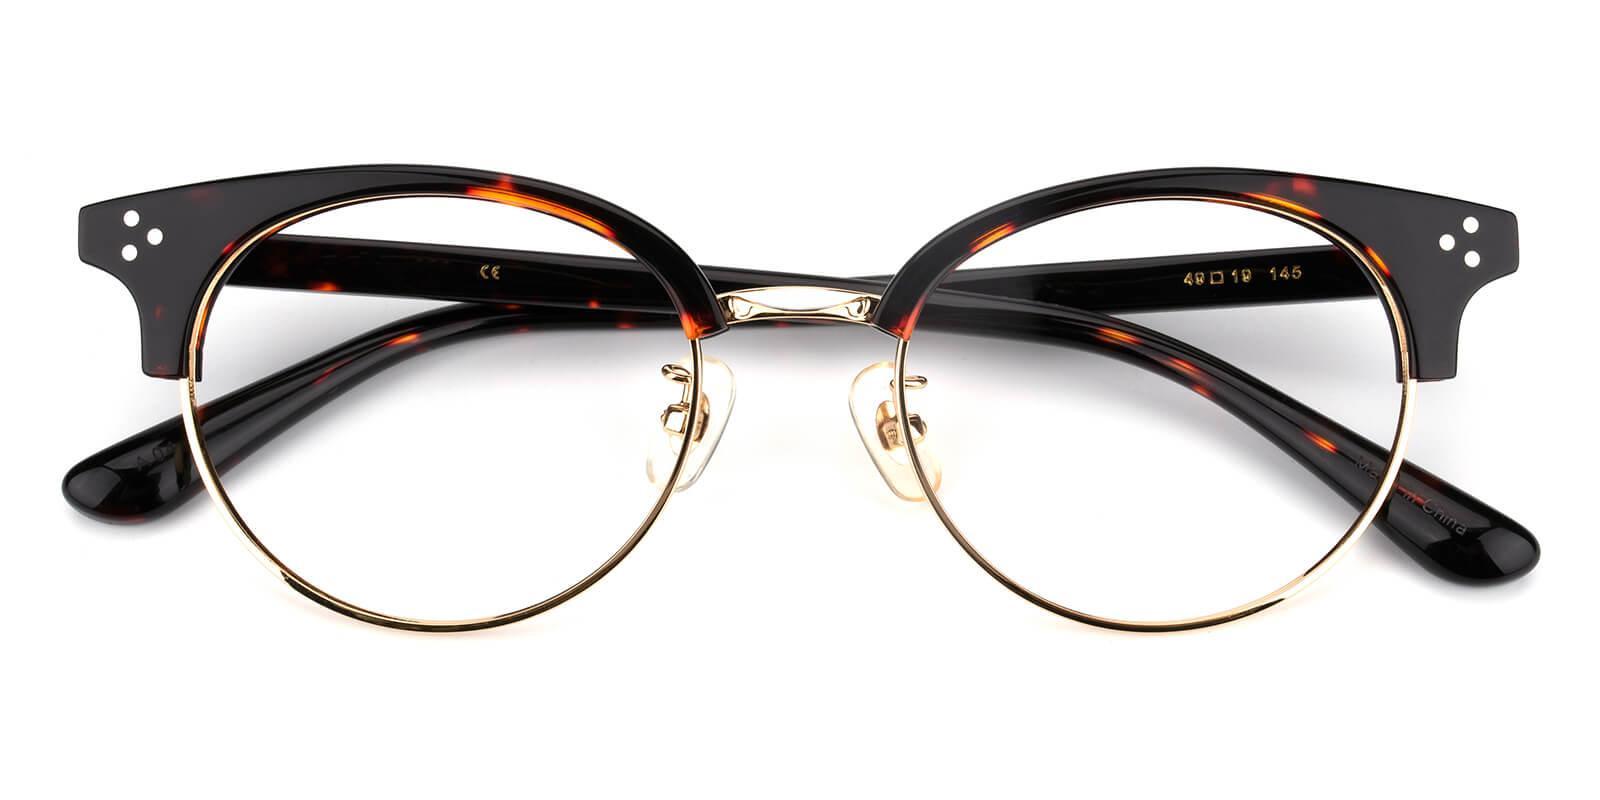 Jinne-Tortoise-Oval-Metal-Eyeglasses-detail